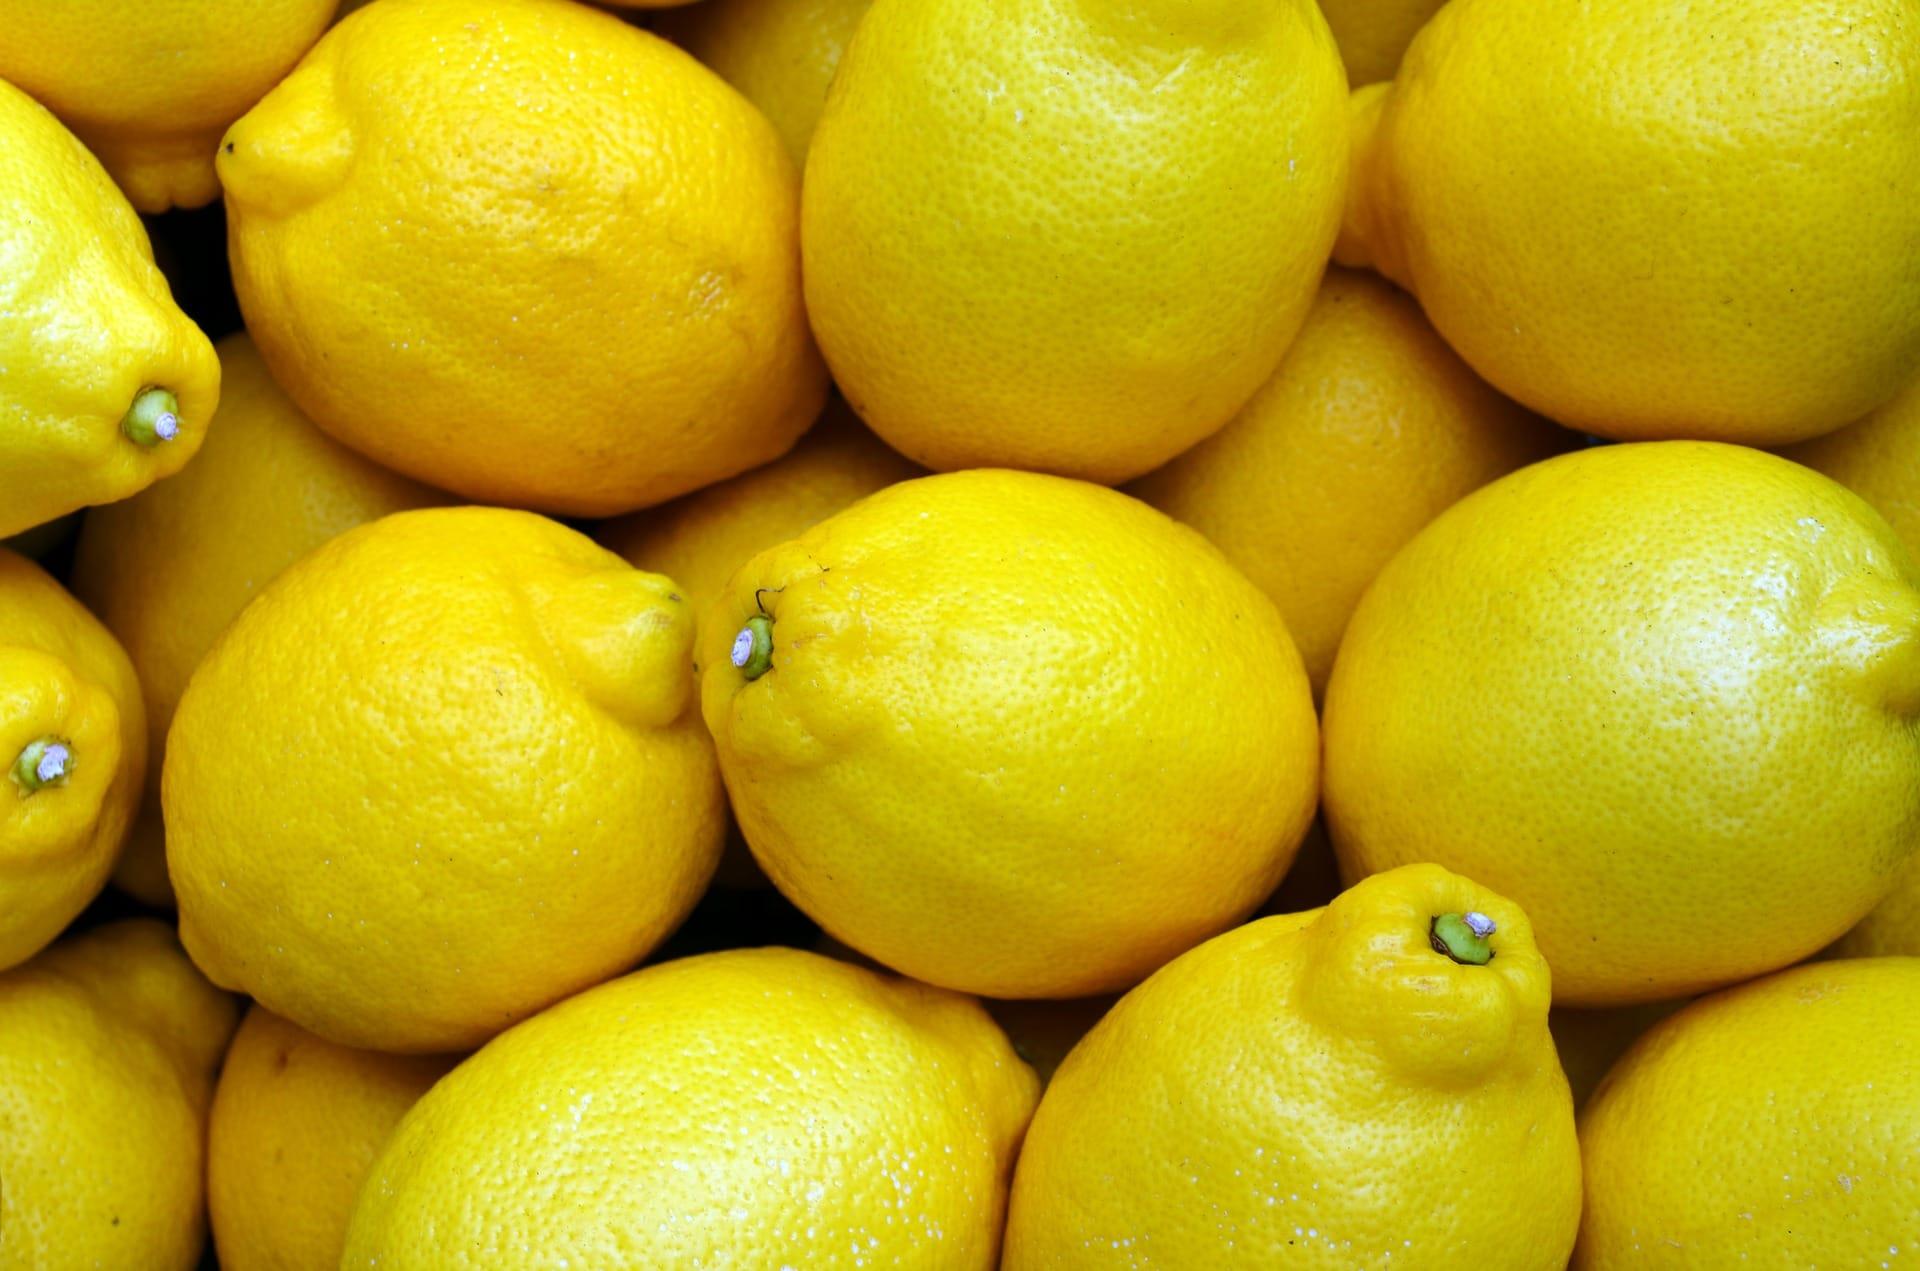 limon ingrediente